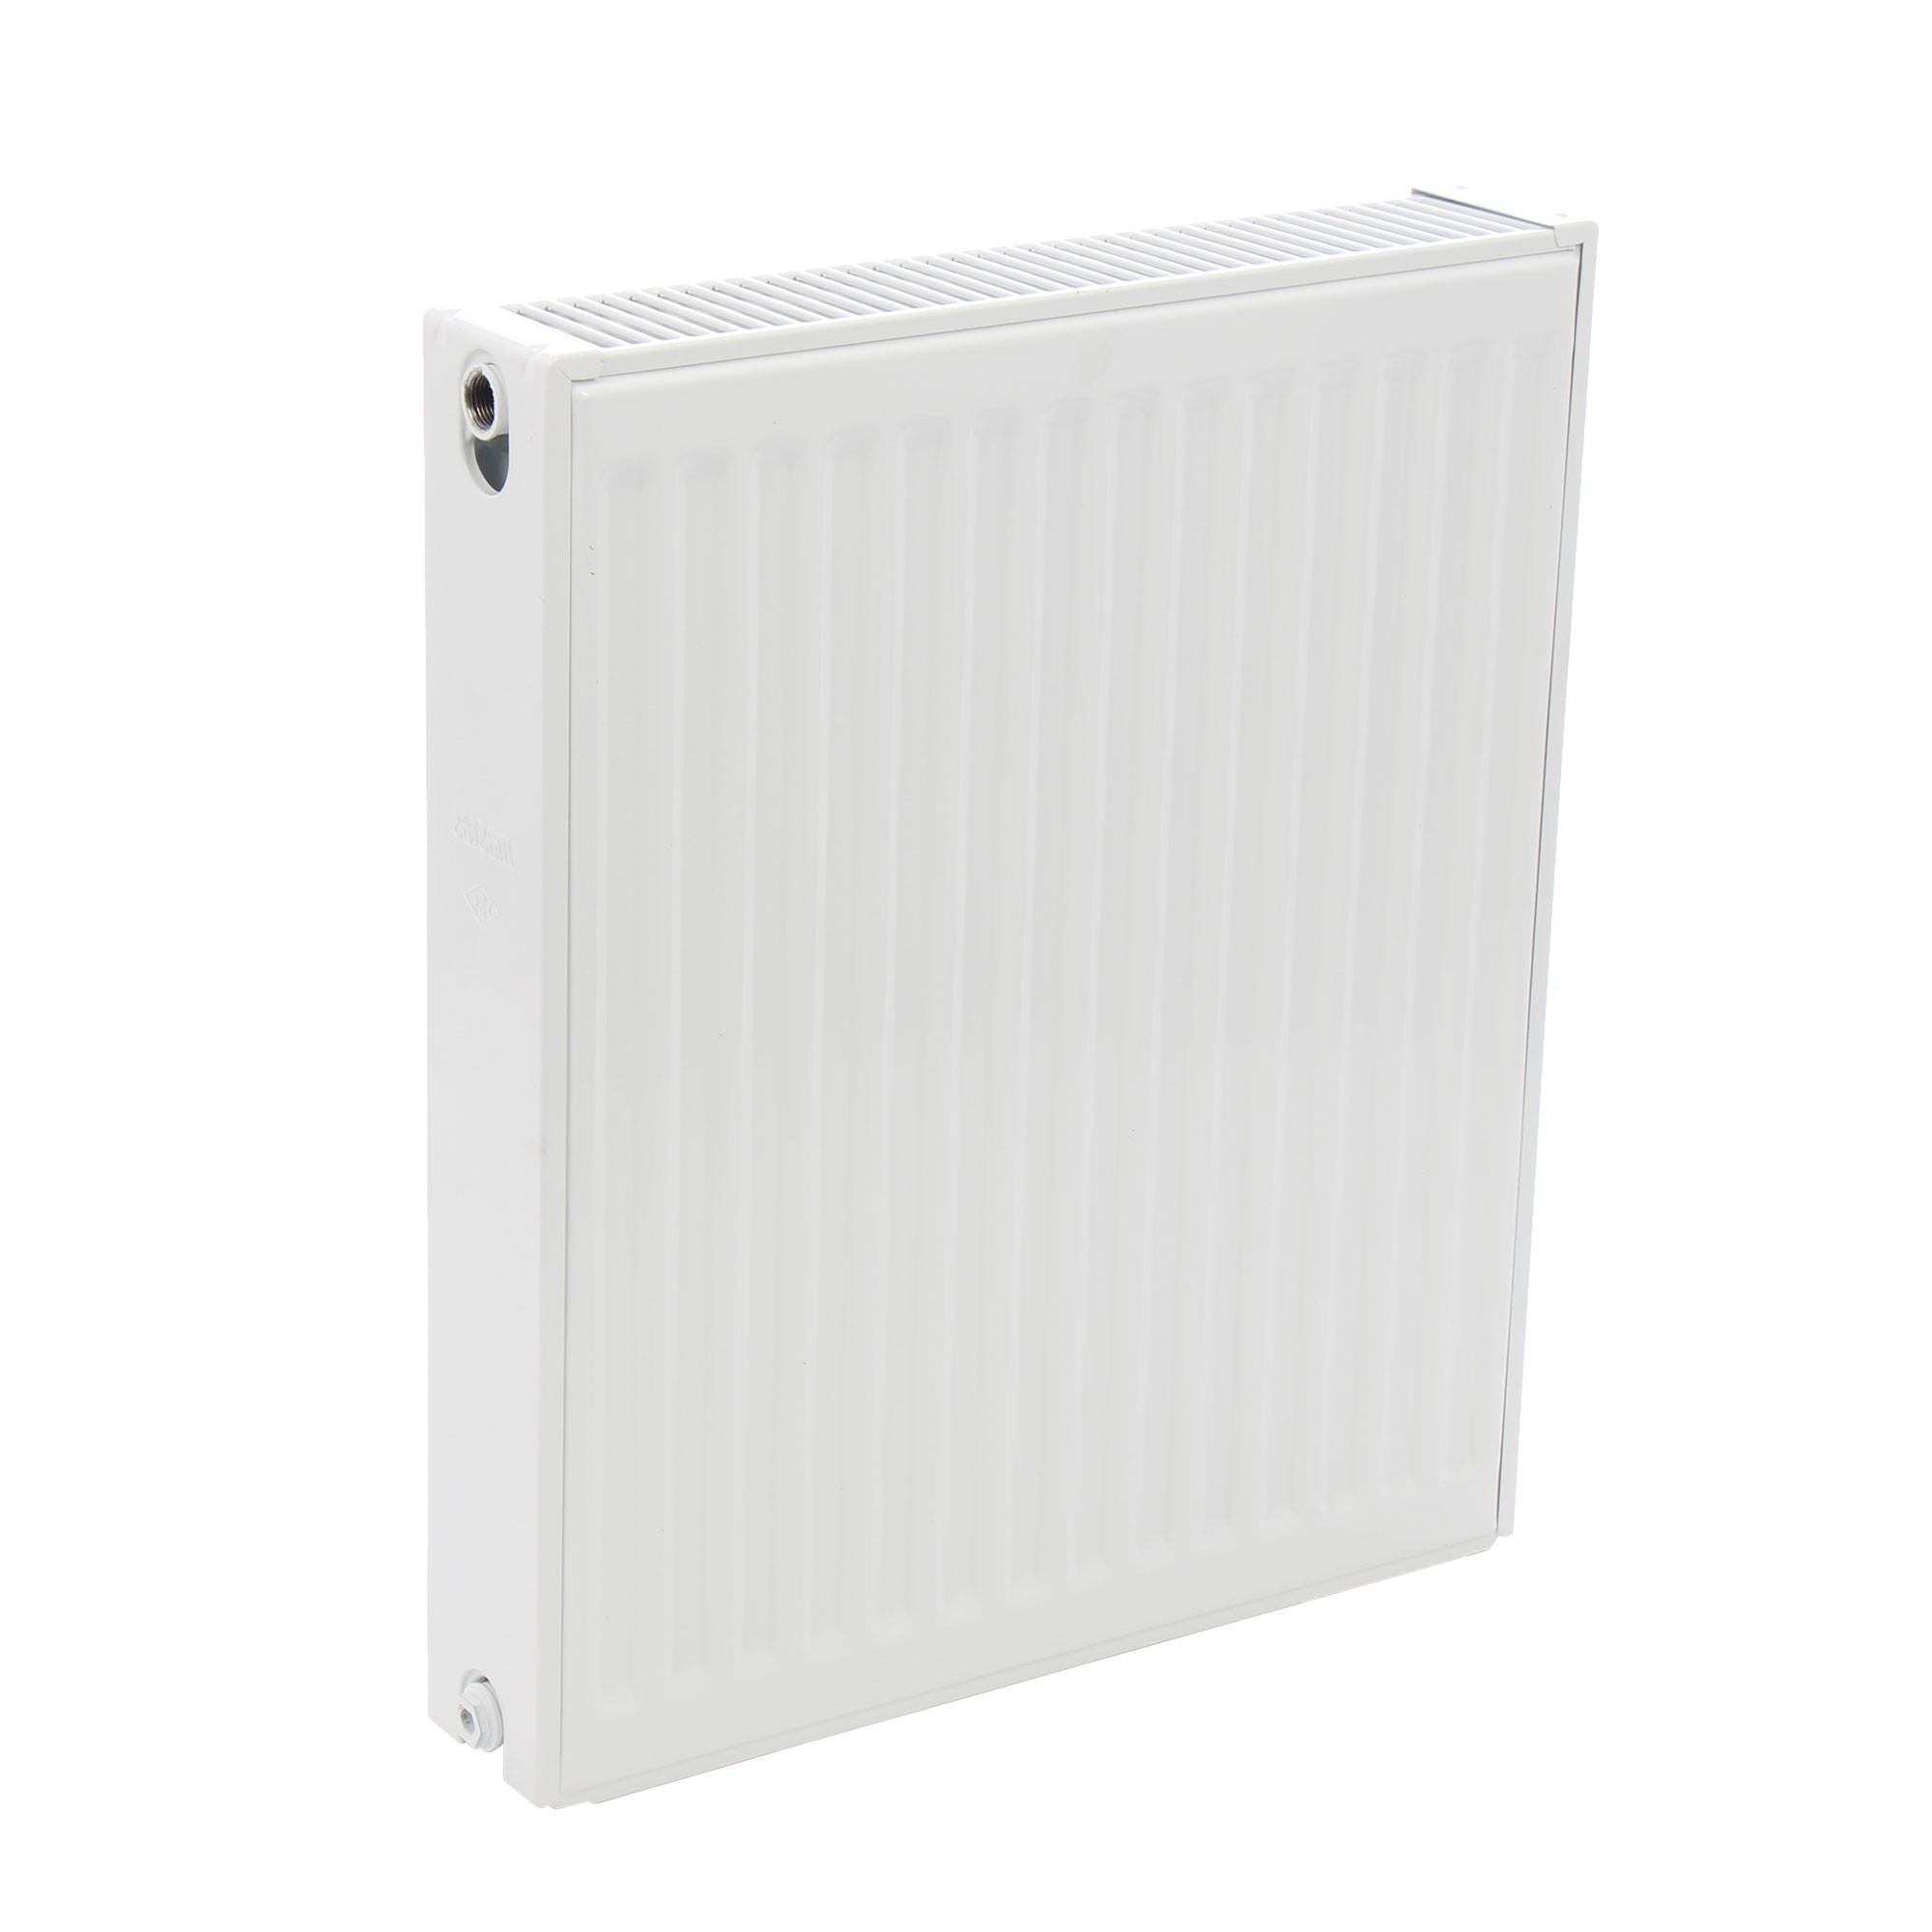 Radiator (calorifer) otel VIGO 22, 600 x 400 mm, accesorii incluse fornello imagine